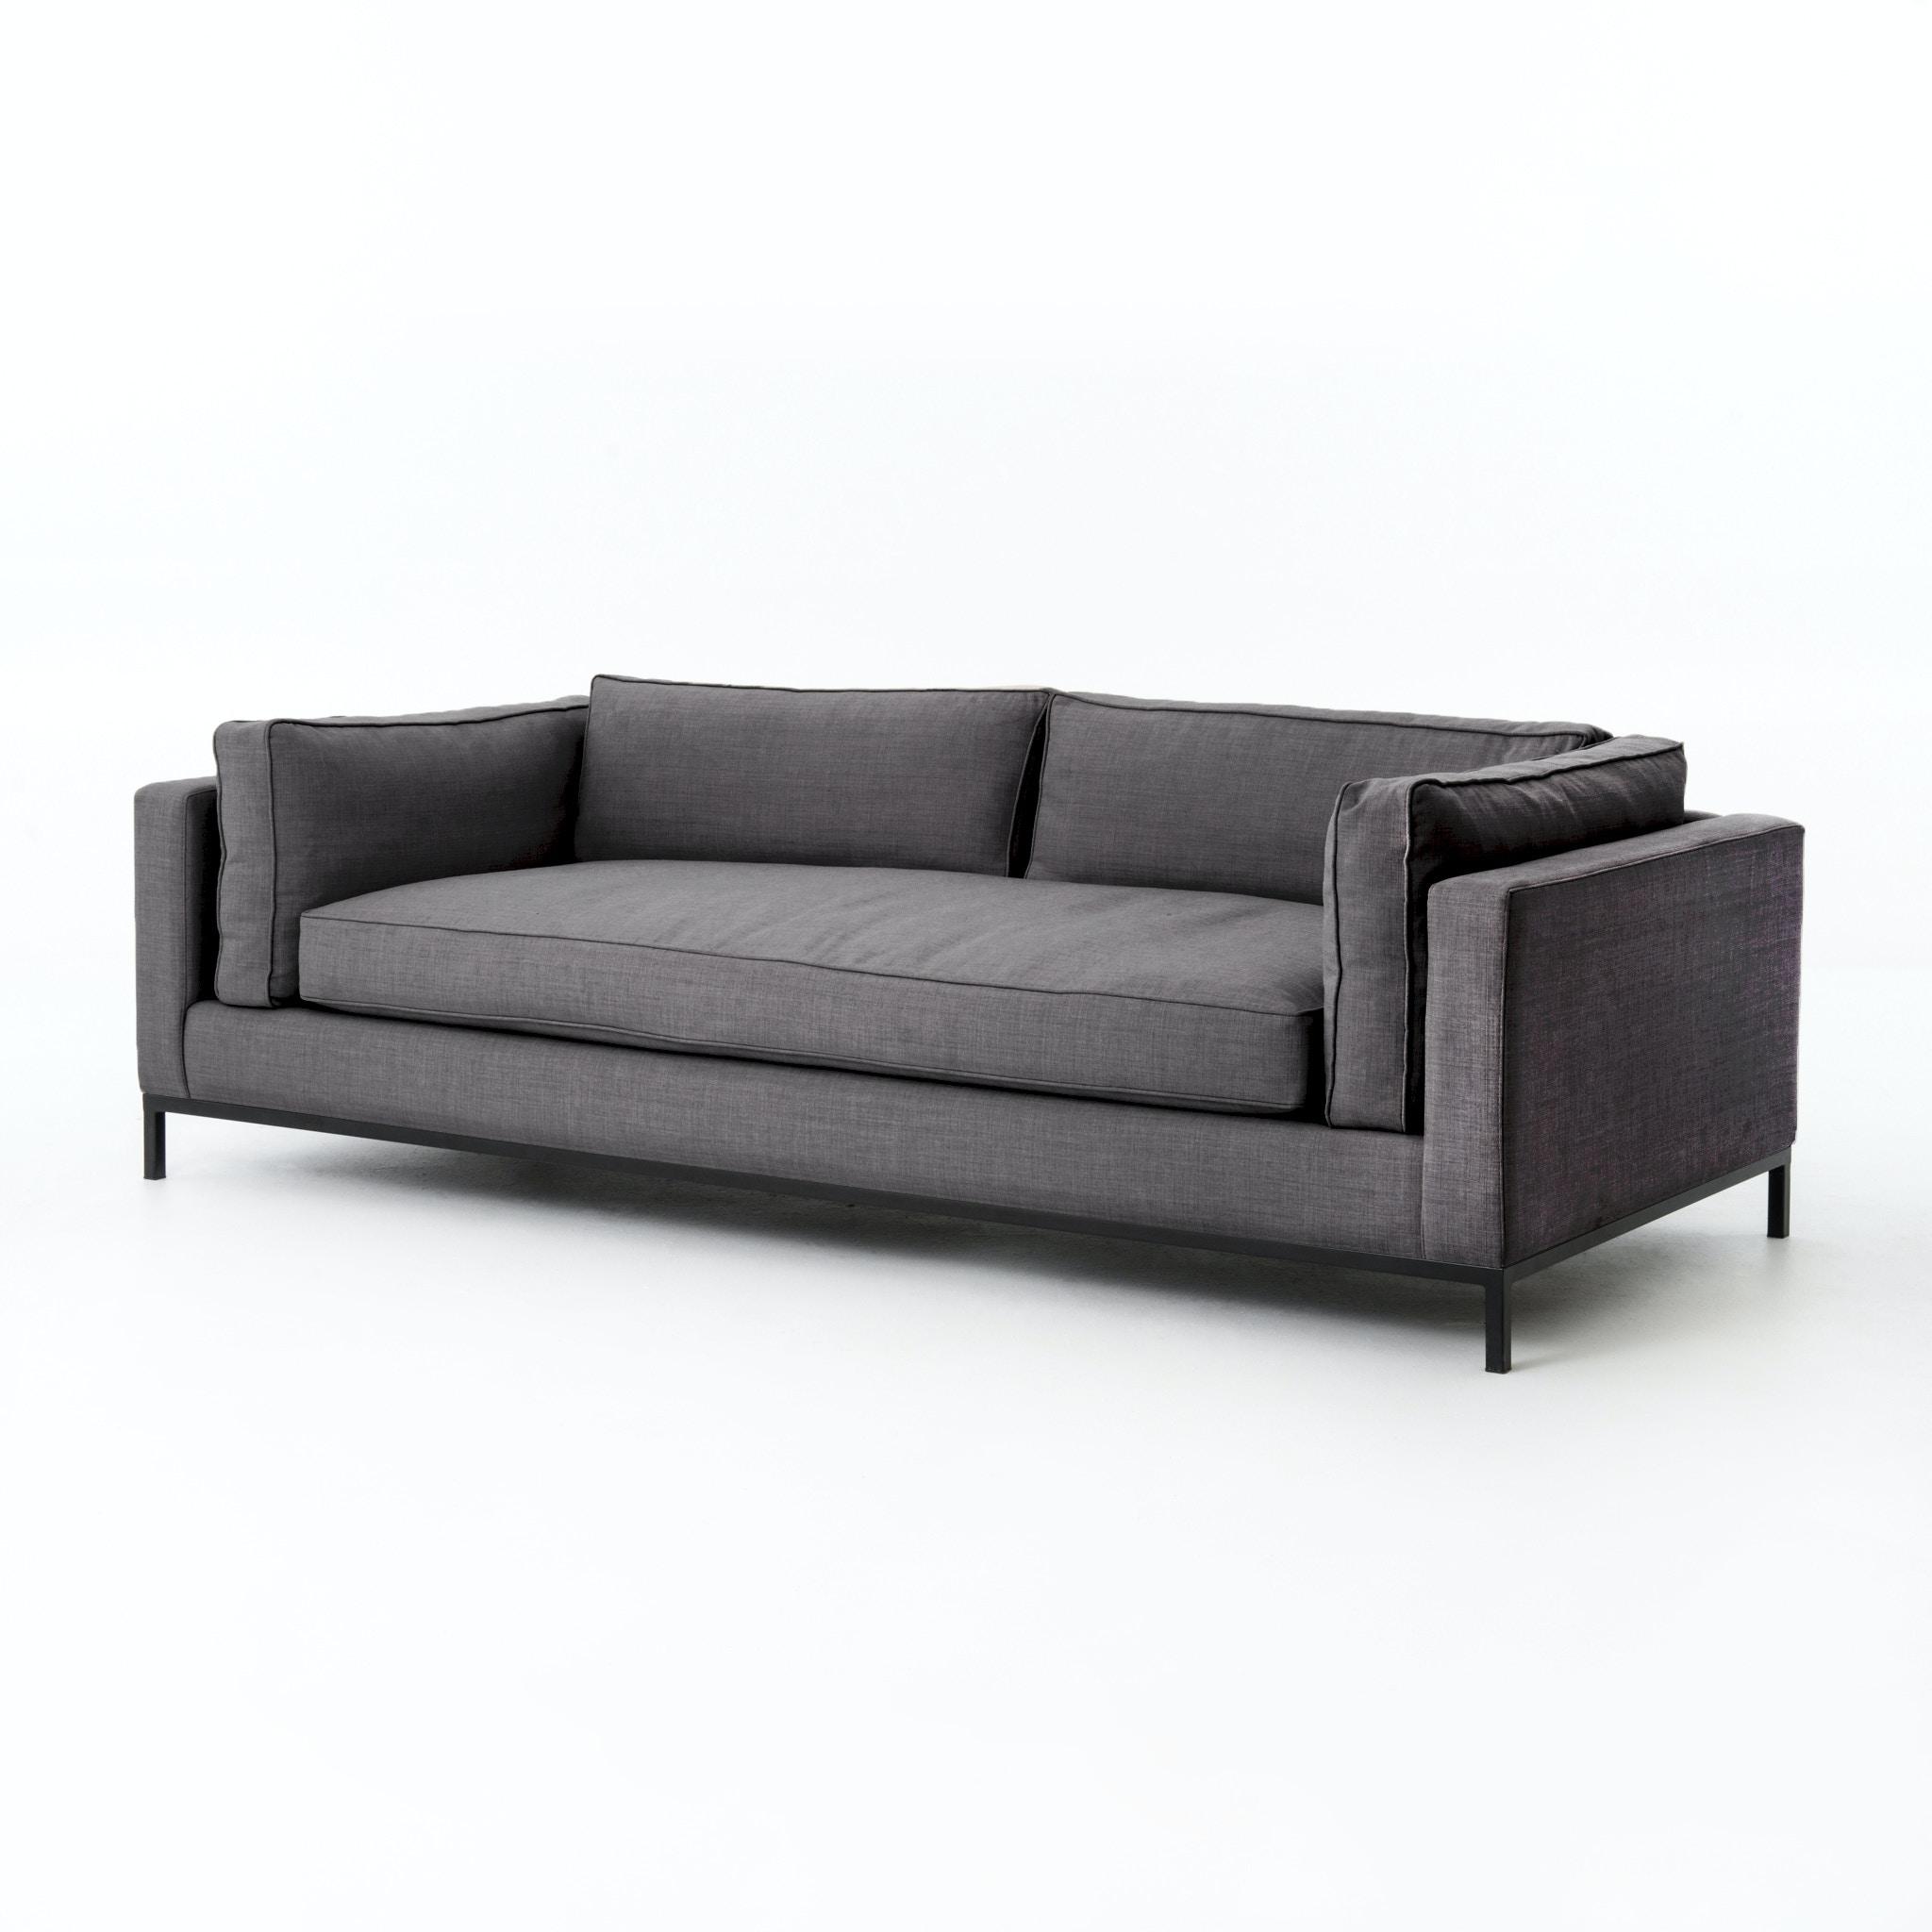 Four Hands Furniture Grammercy Sofa Bennett Charcoal UATR 002 BCH